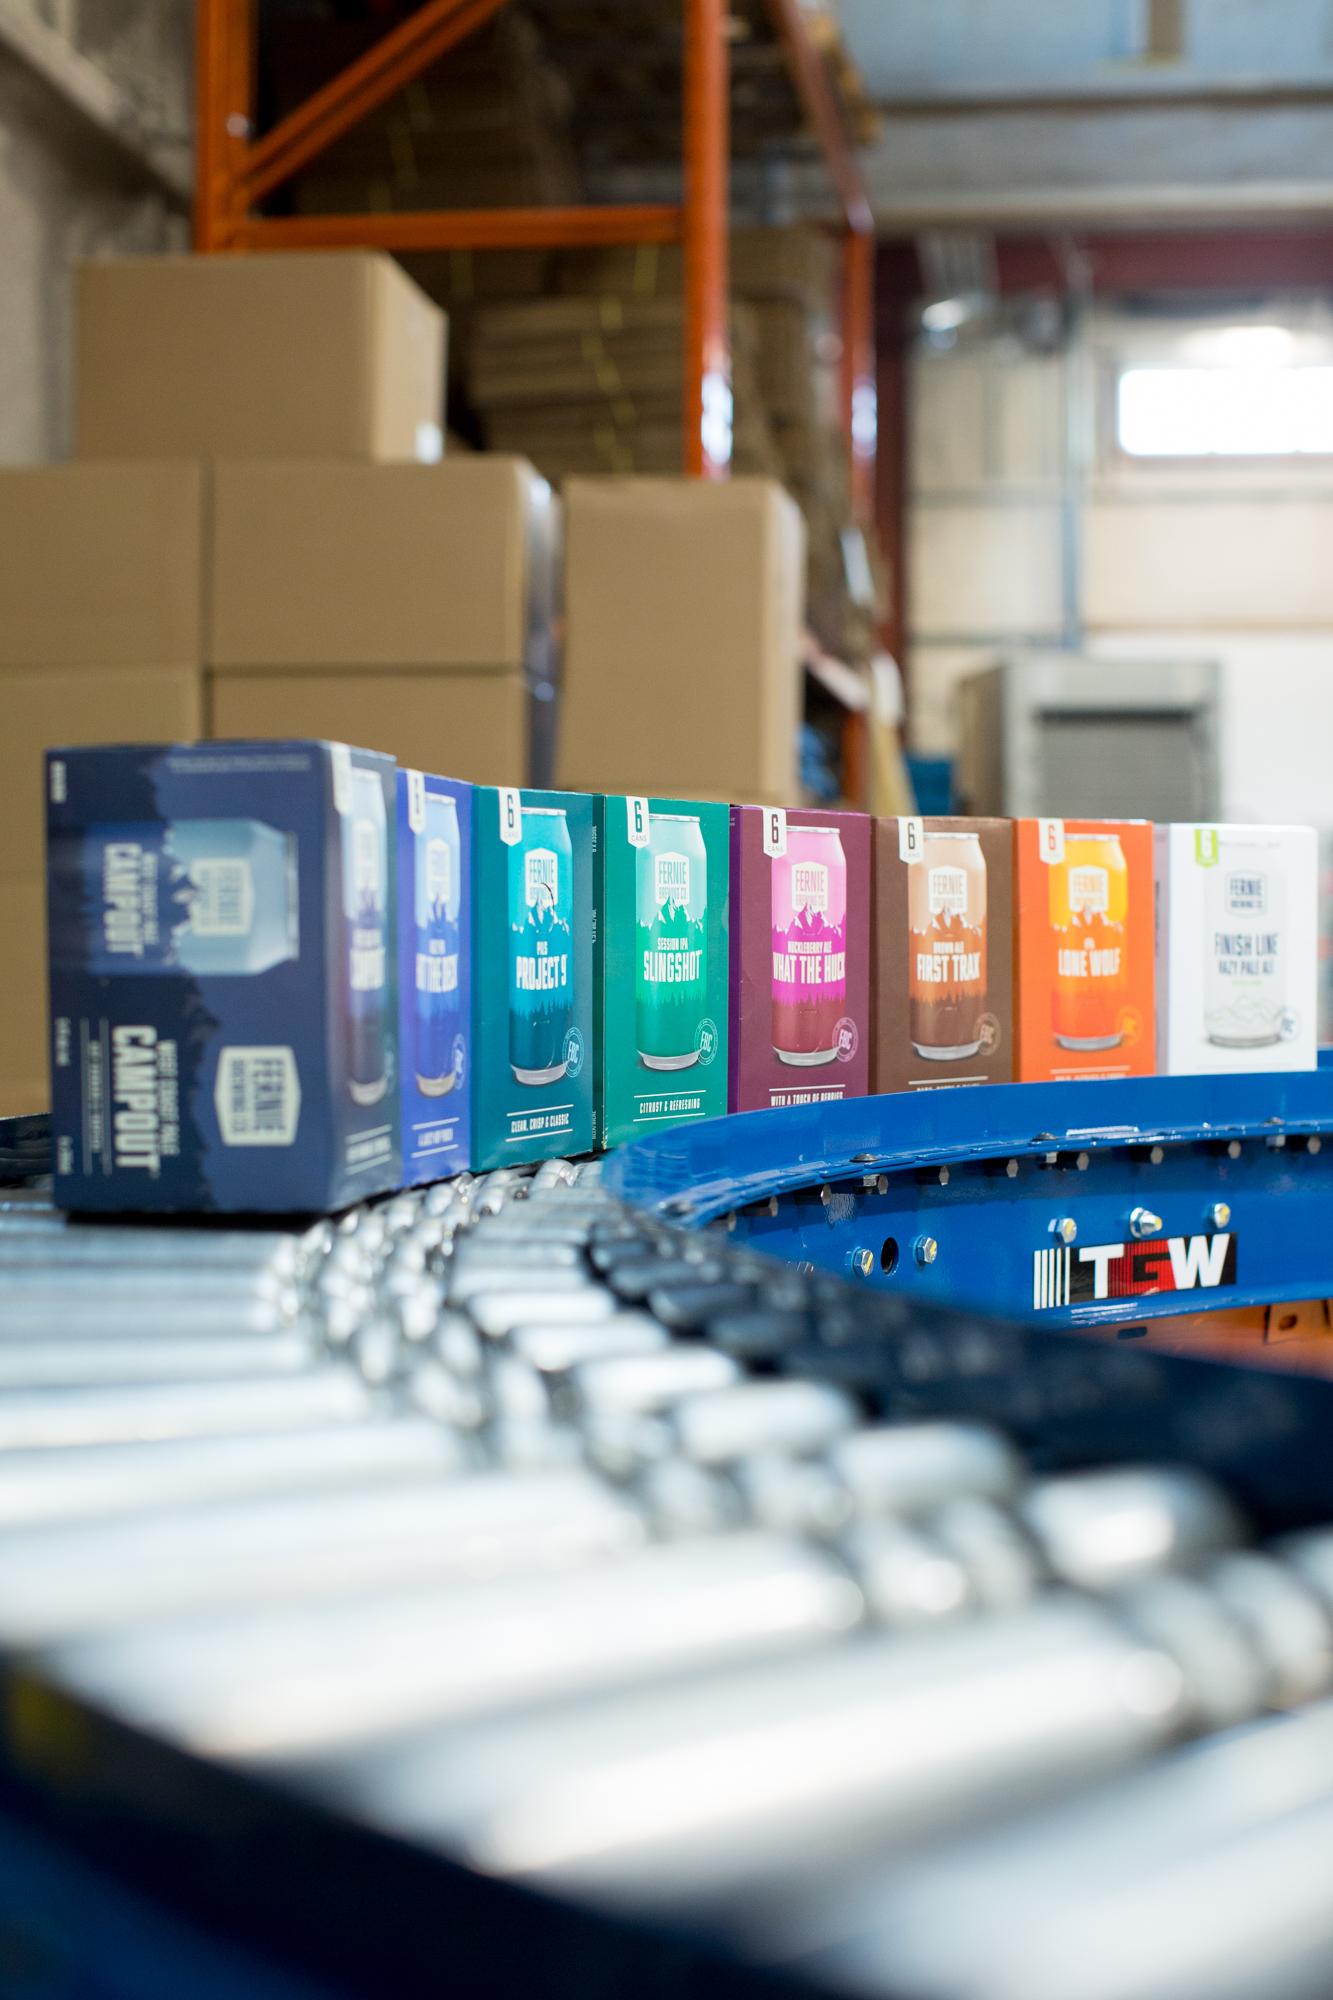 Beer in sustainable packaging